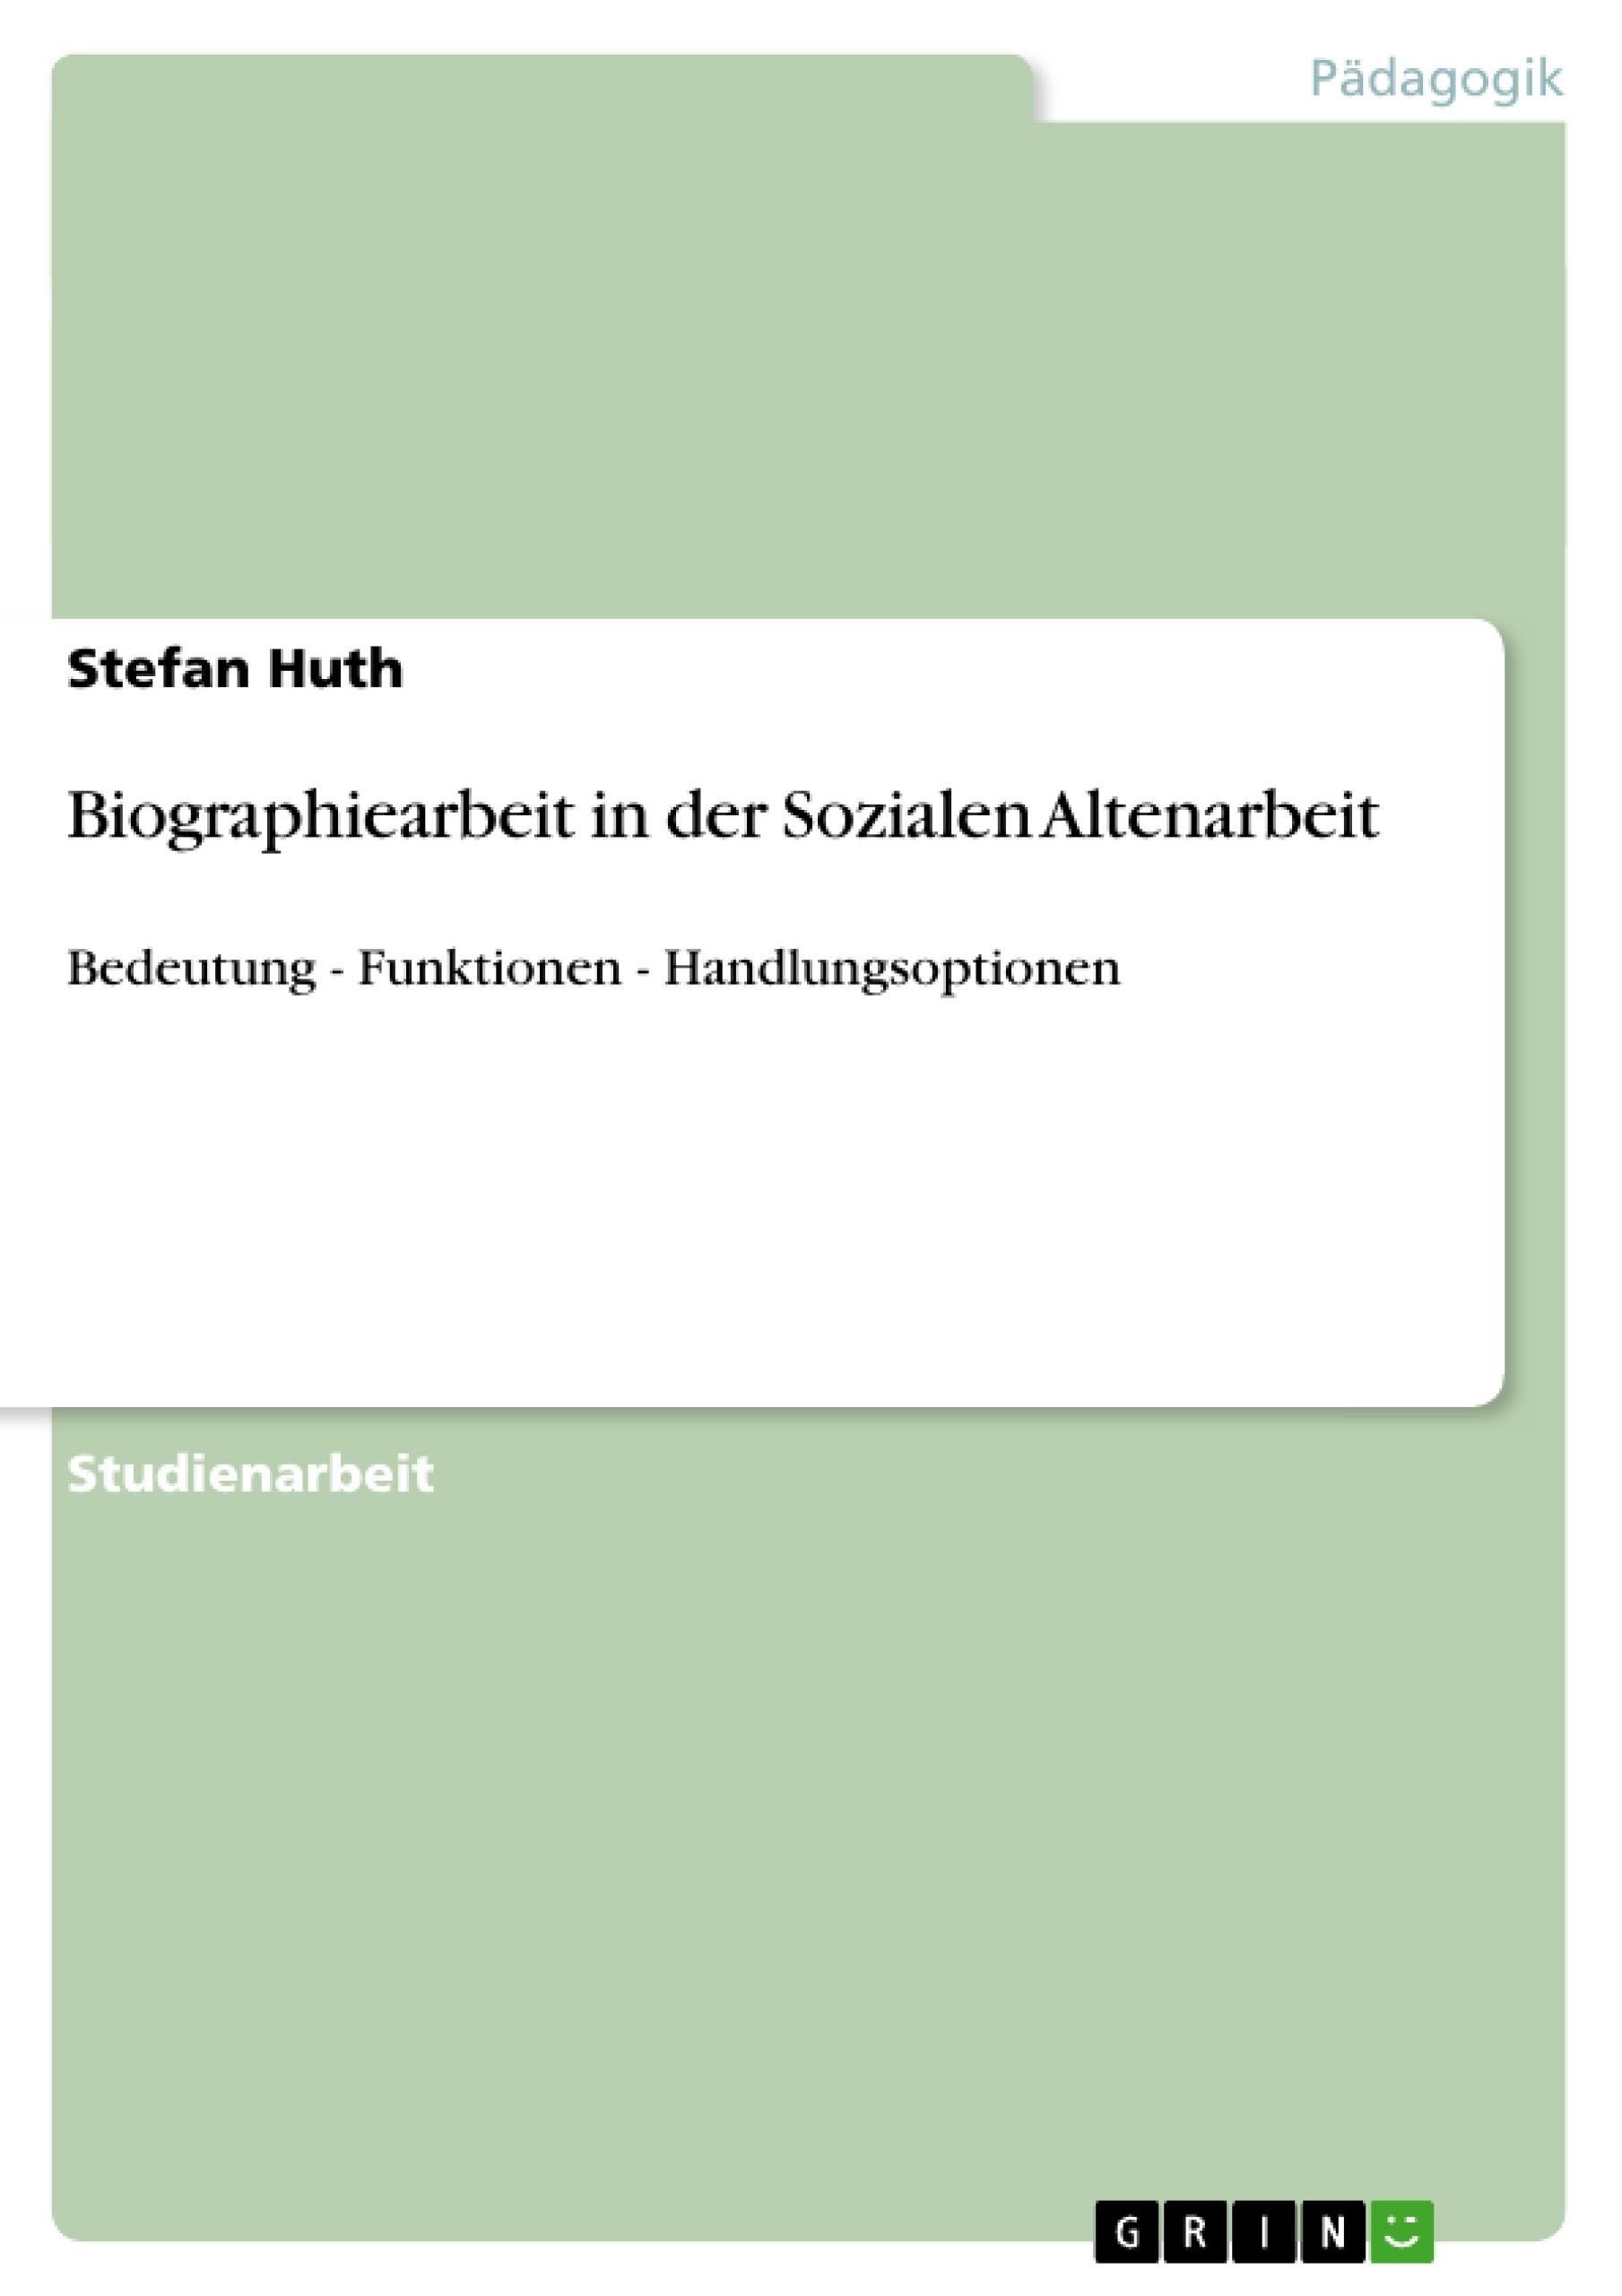 Titel: Biographiearbeit in der Sozialen Altenarbeit